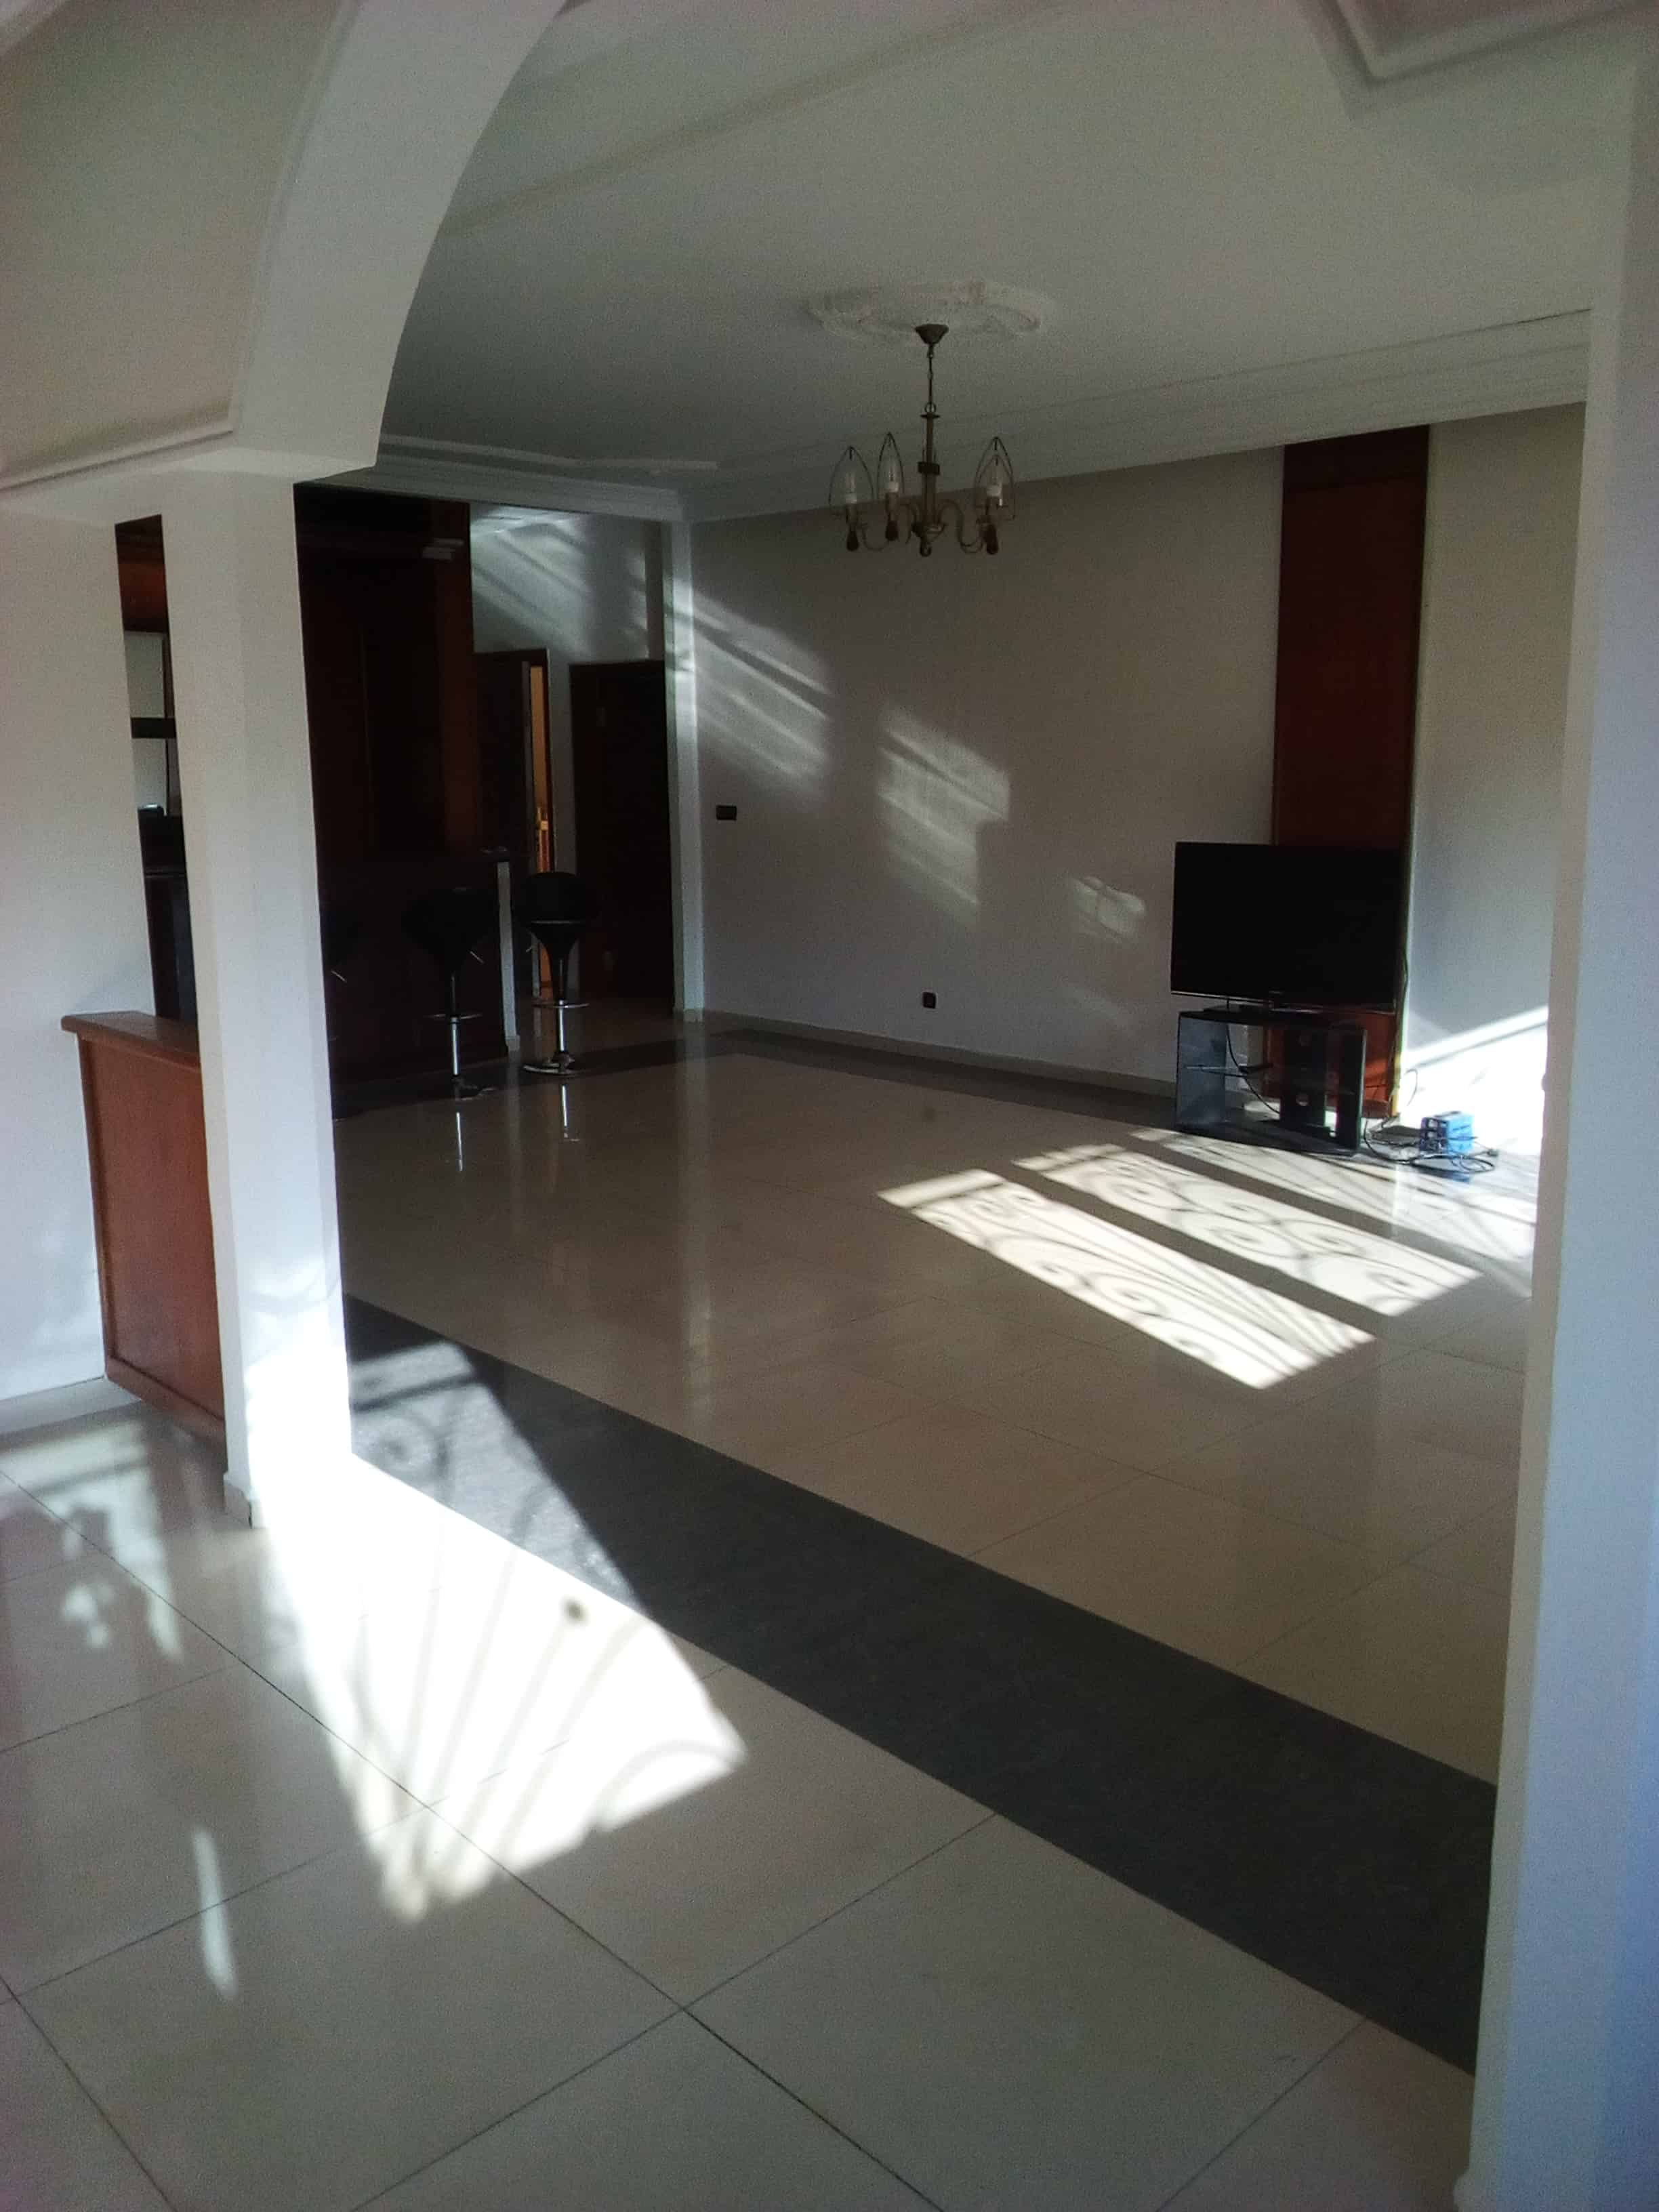 Appartement à louer - Yaoundé, Bastos, pas loin de residence du nigeria - 1 salon(s), 3 chambre(s), 4 salle(s) de bains - 1 300 000 FCFA / mois